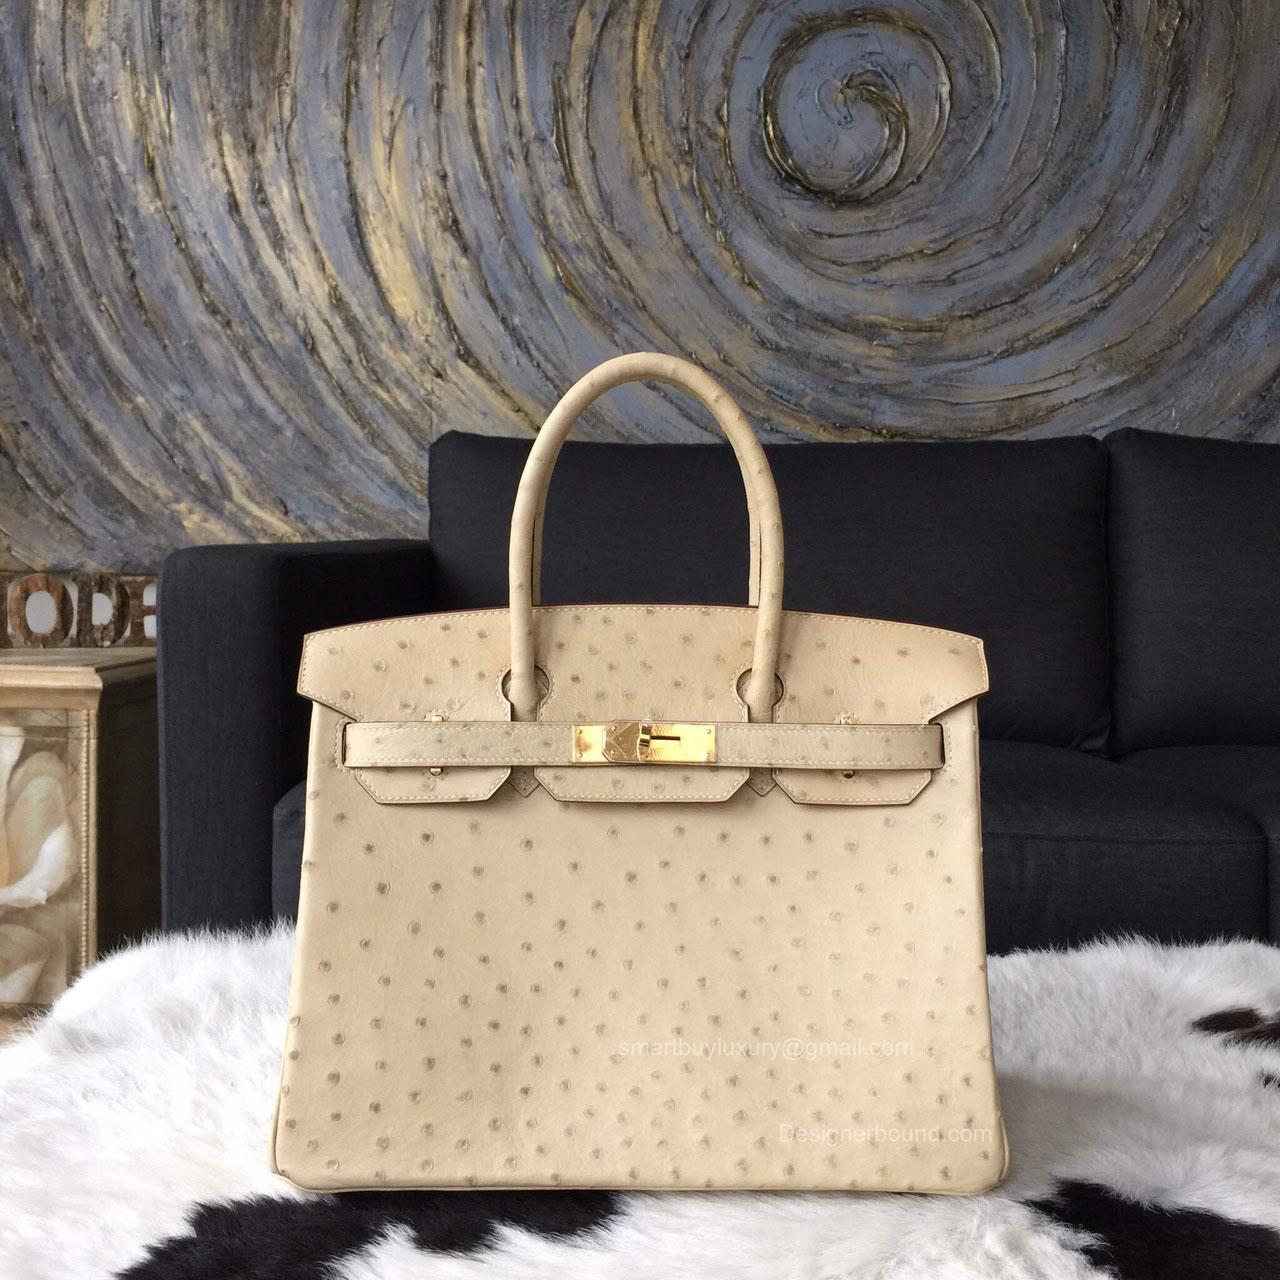 40f9cec53479 Hermes Birkin 30 Bag Parchemin Ostrich Leather Handstitched Gold hw -